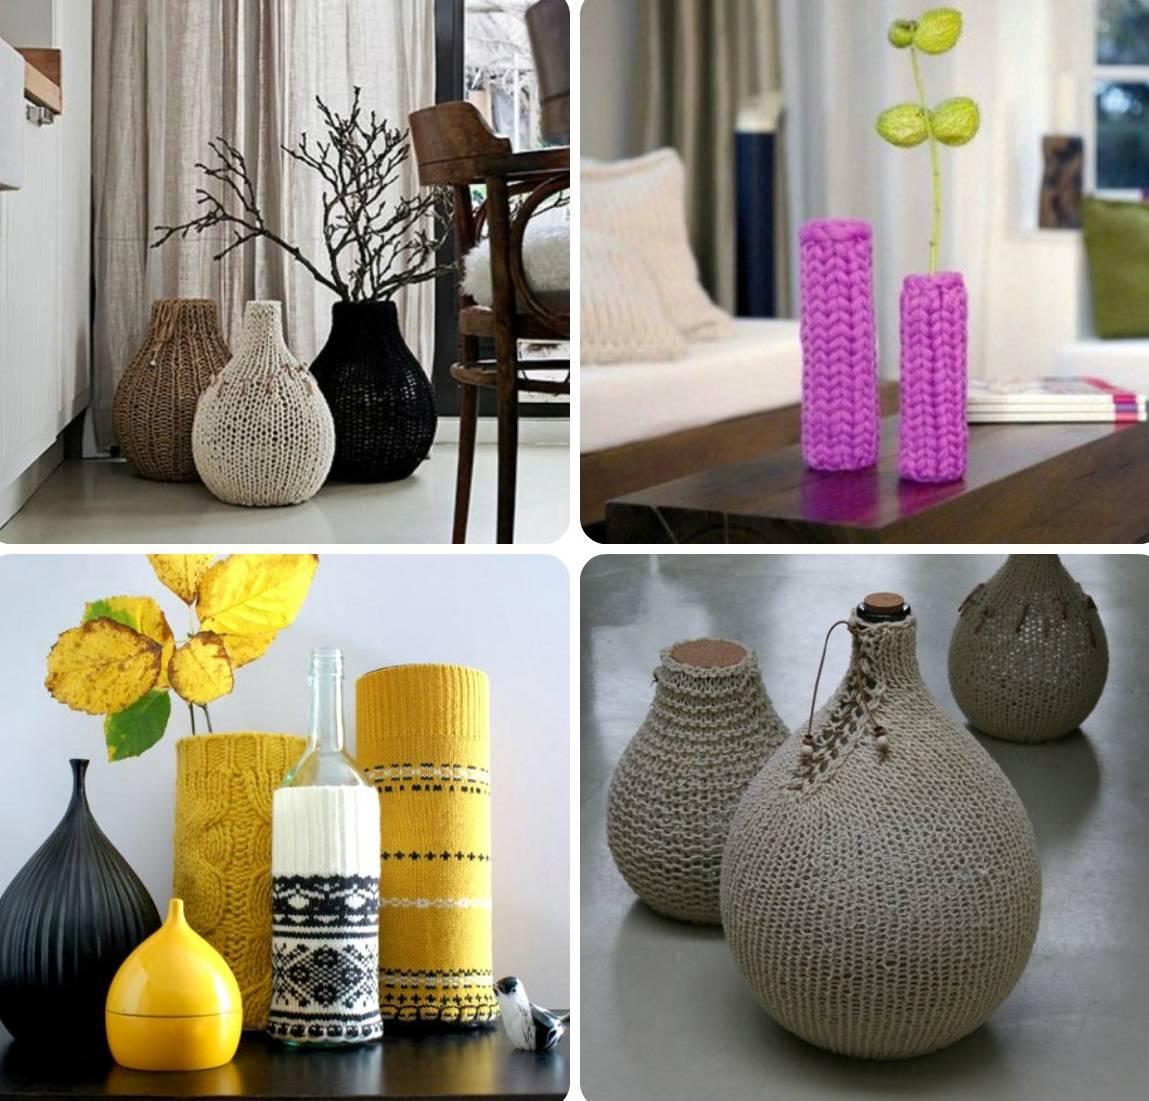 Декор вазы - советы и рекомендации по оформлению вазы (120 фото и видео)